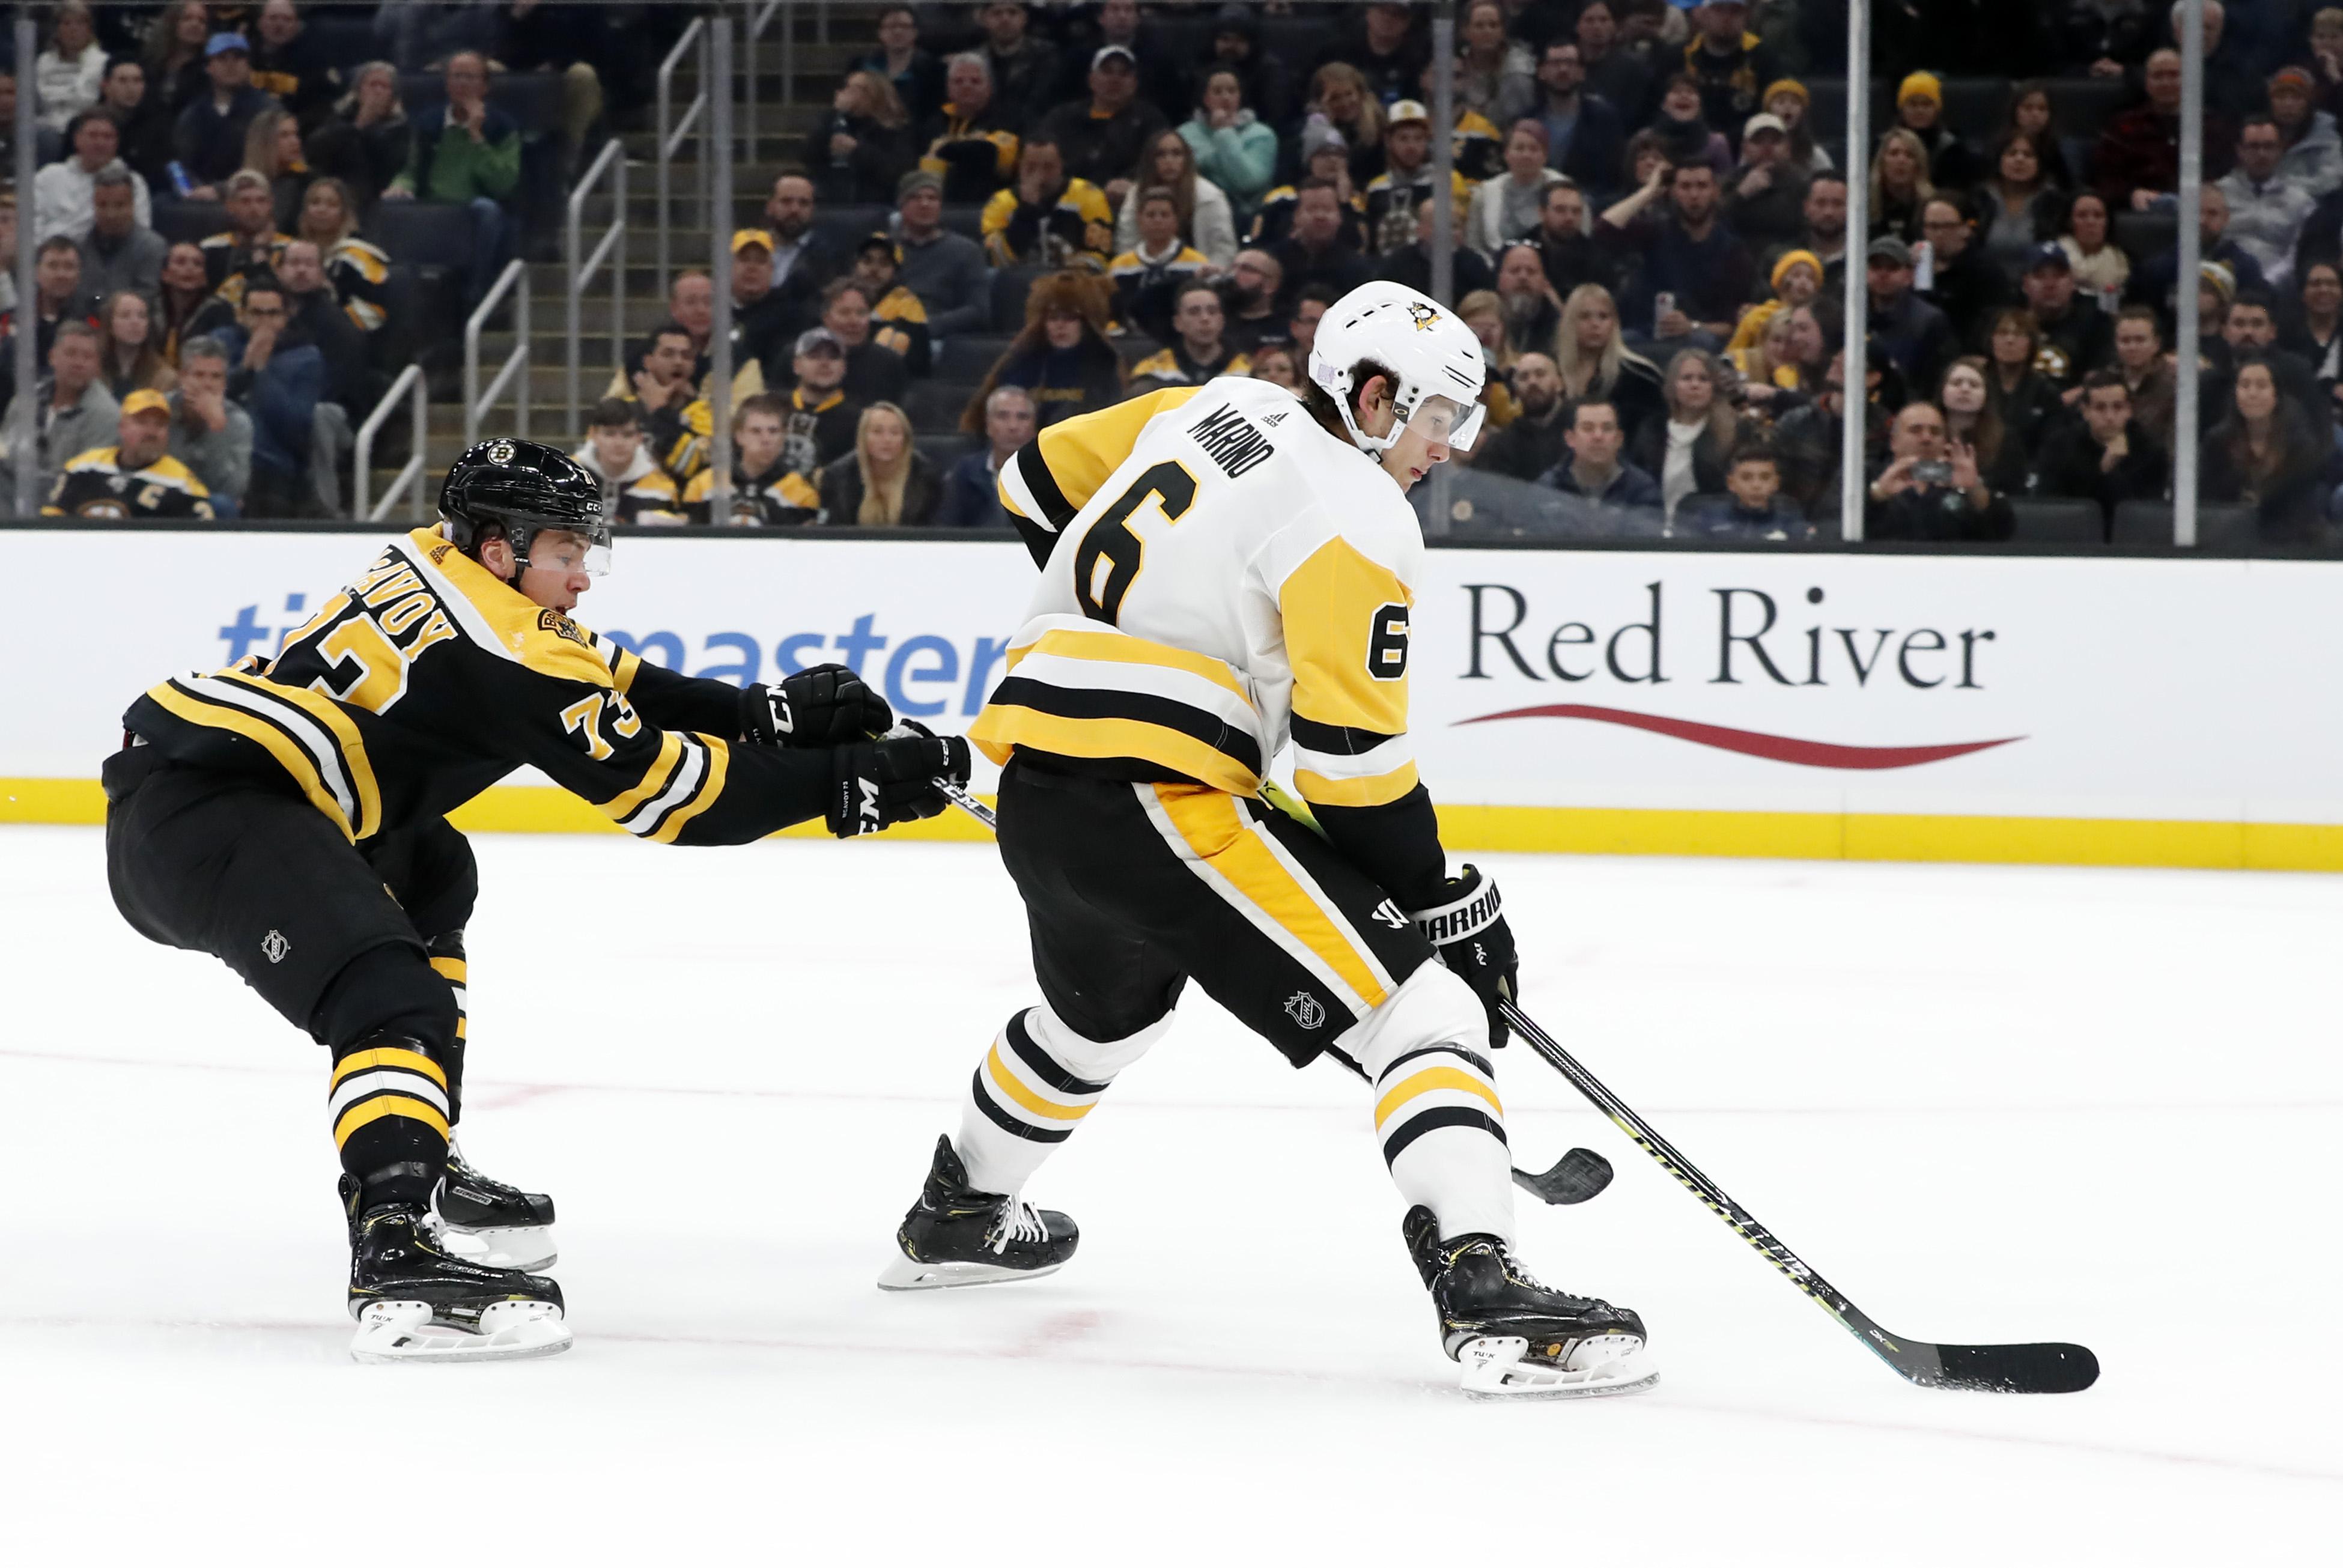 NHL: NOV 04 Penguins at Bruins